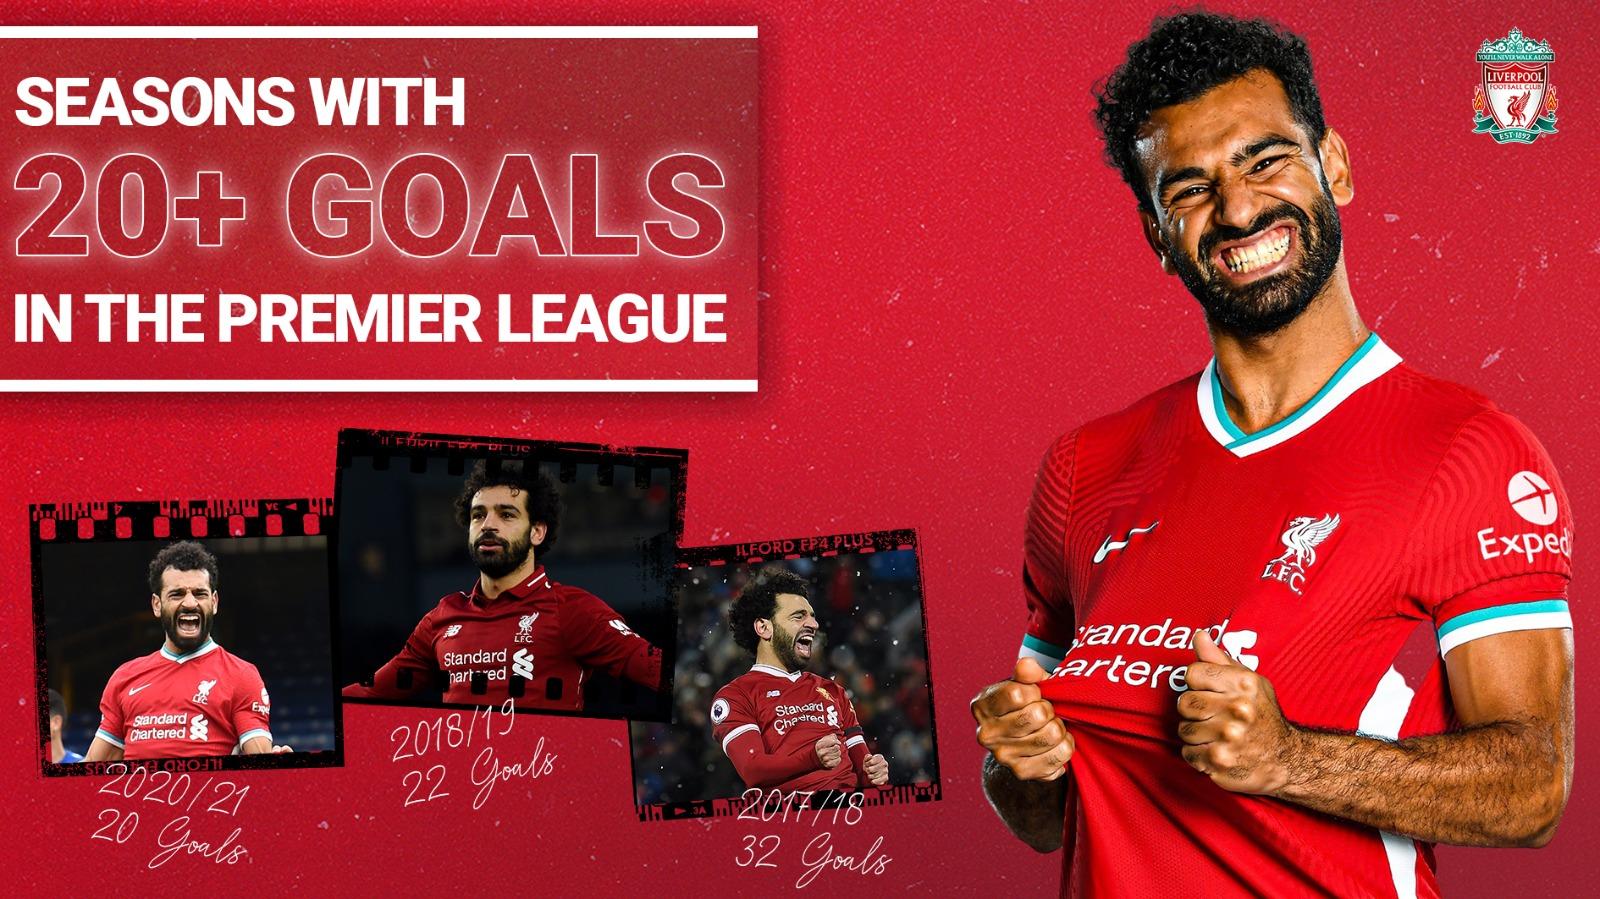 利物浦汗青第一人!萨拉赫三个赛季在英超联赛中进了20个球